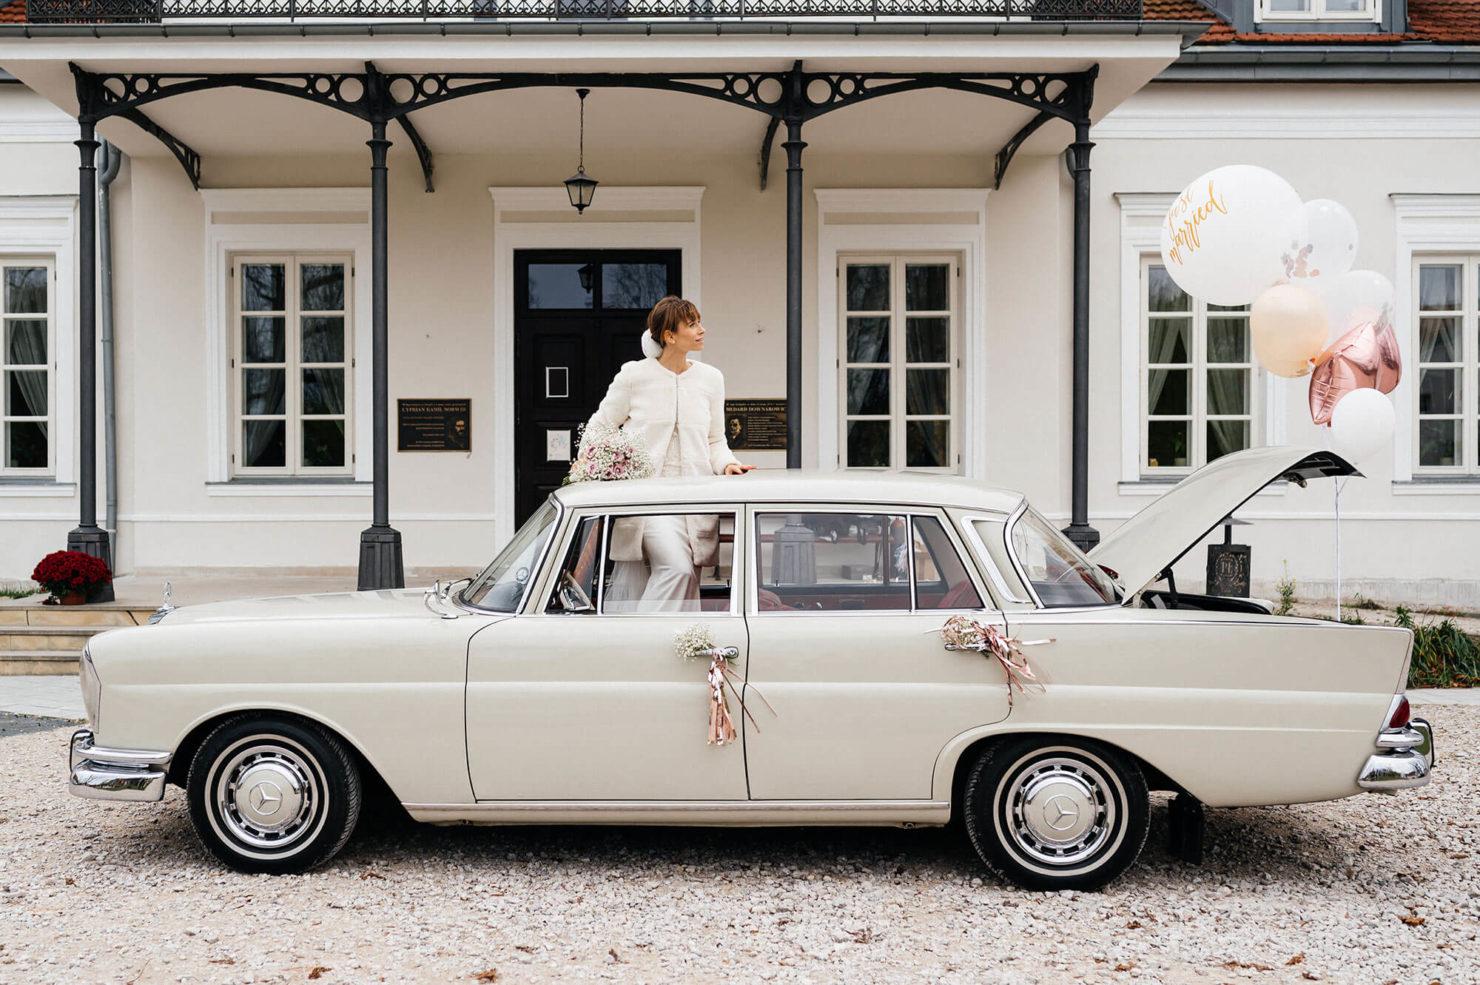 Najpiękniejsze miejsca na wesele w Warszawie i okolicach - miejsca na wesele w warszawie